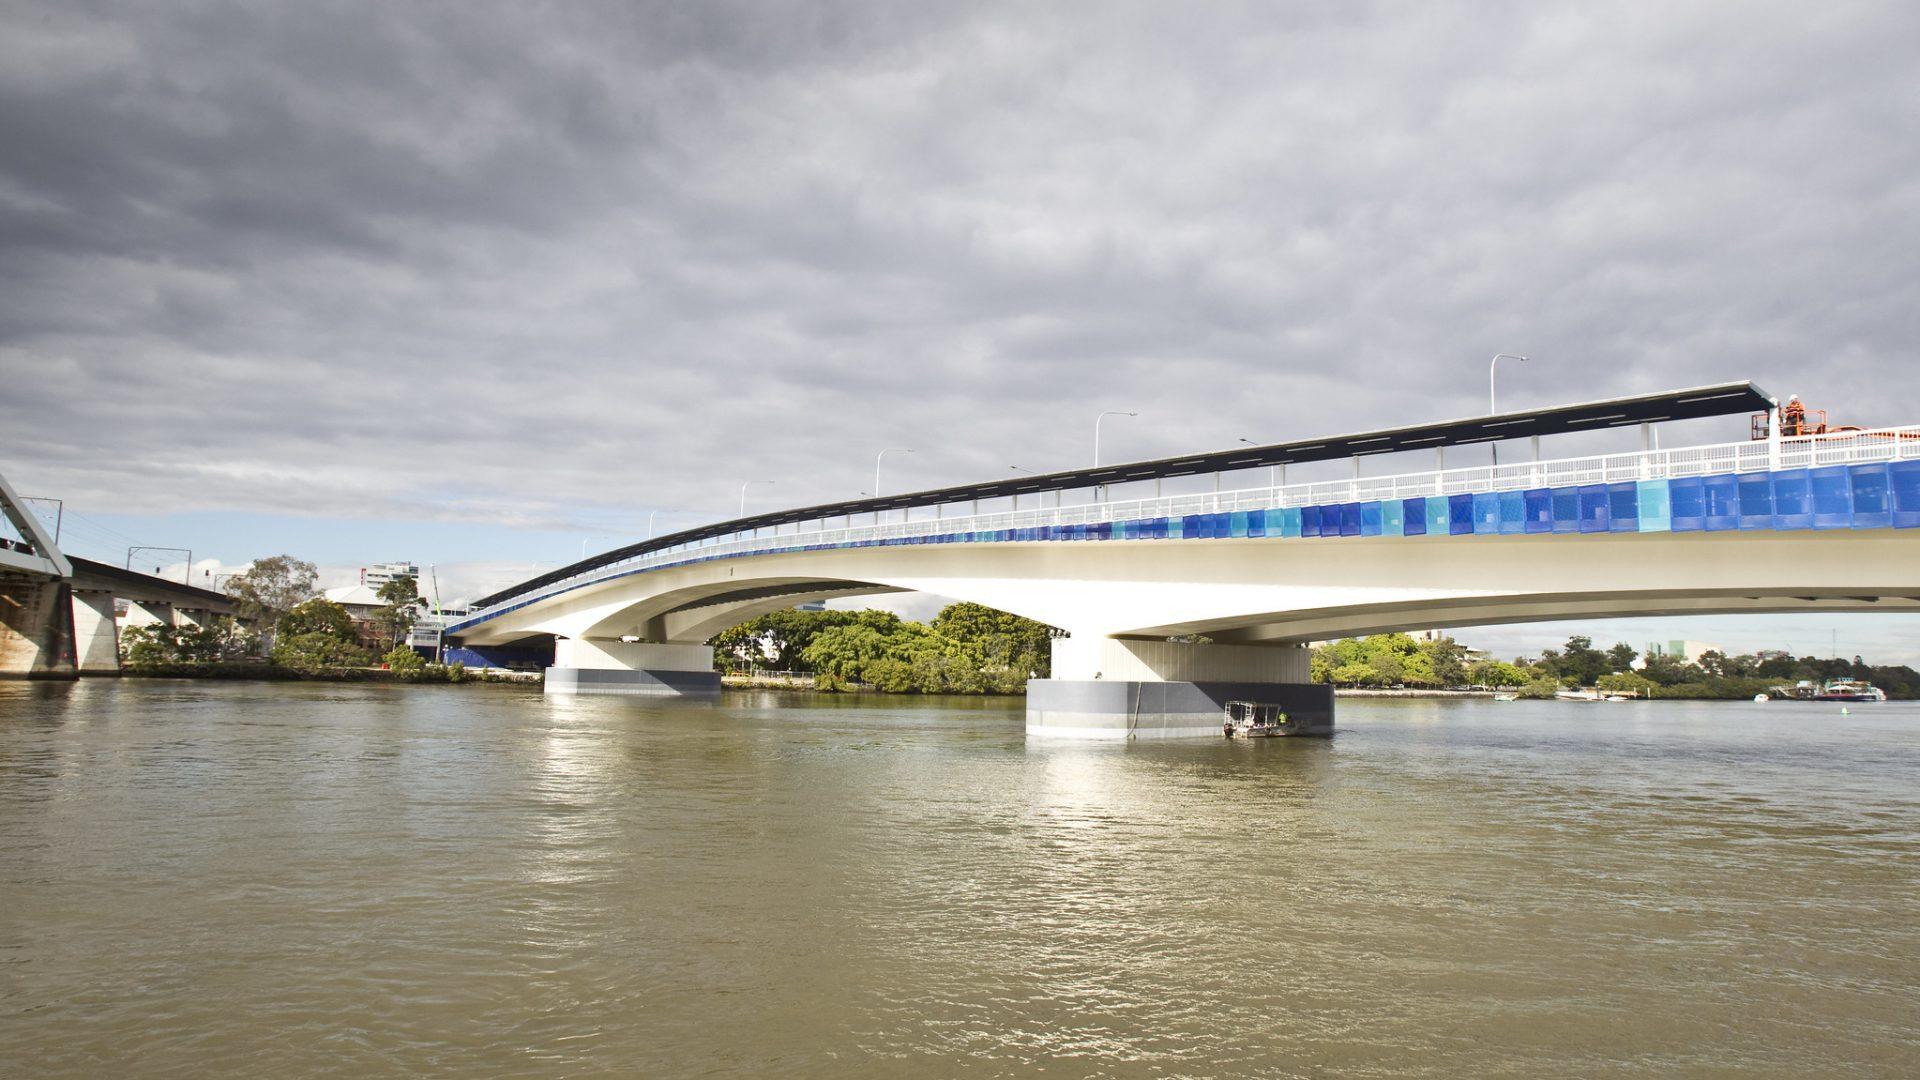 The bridge over the river.